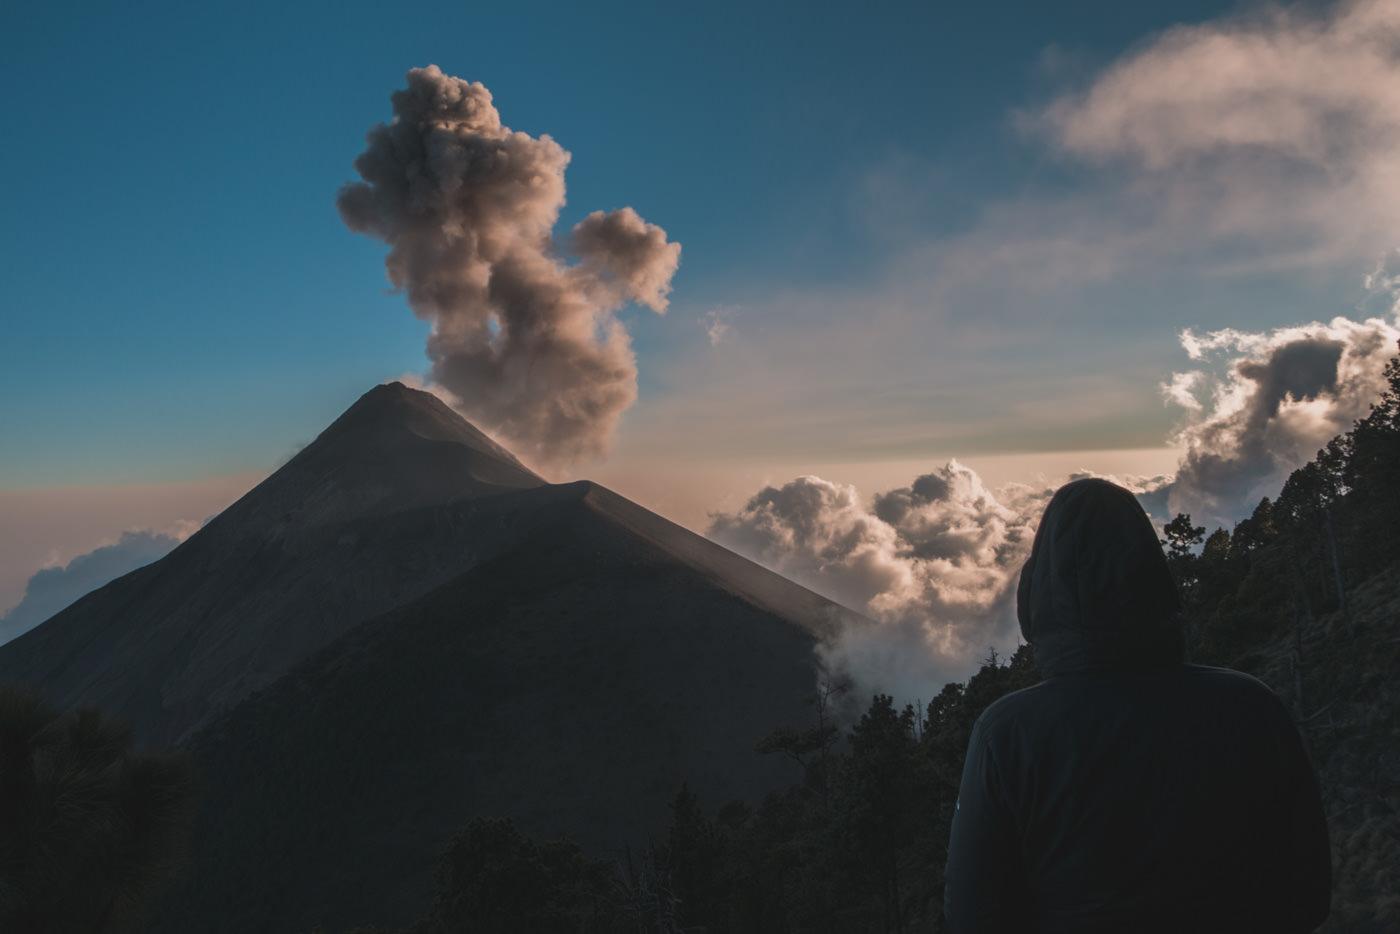 Vulkan Fuego bricht während der Abenddämmerung aus